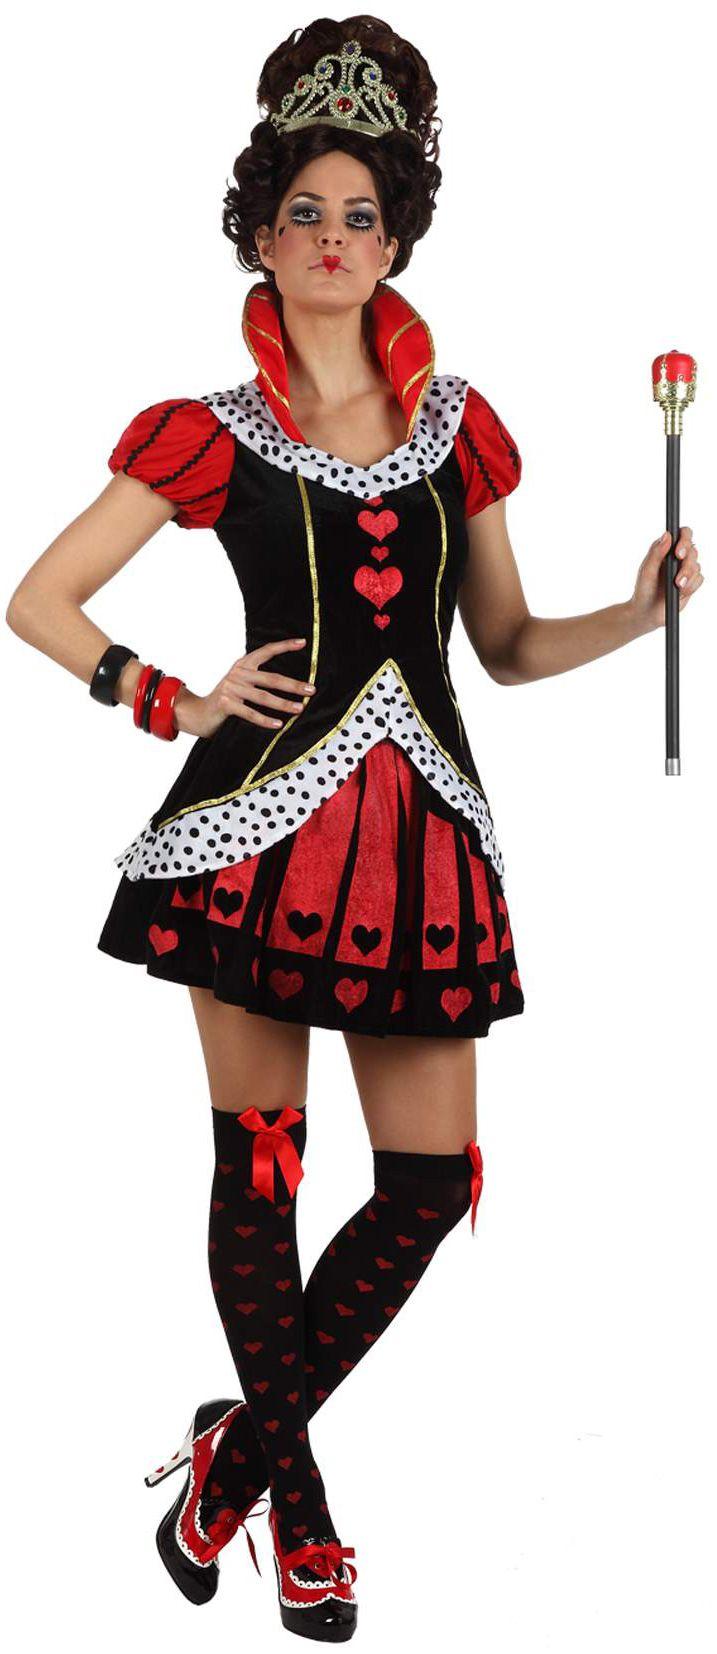 Dit hartenvrouw kostuum voor volwassenen zal ideaal geschikt zijn als carnavalskleding om een echte koningin te worden! - Nu verkrijgbaar op Vegaoo.nl